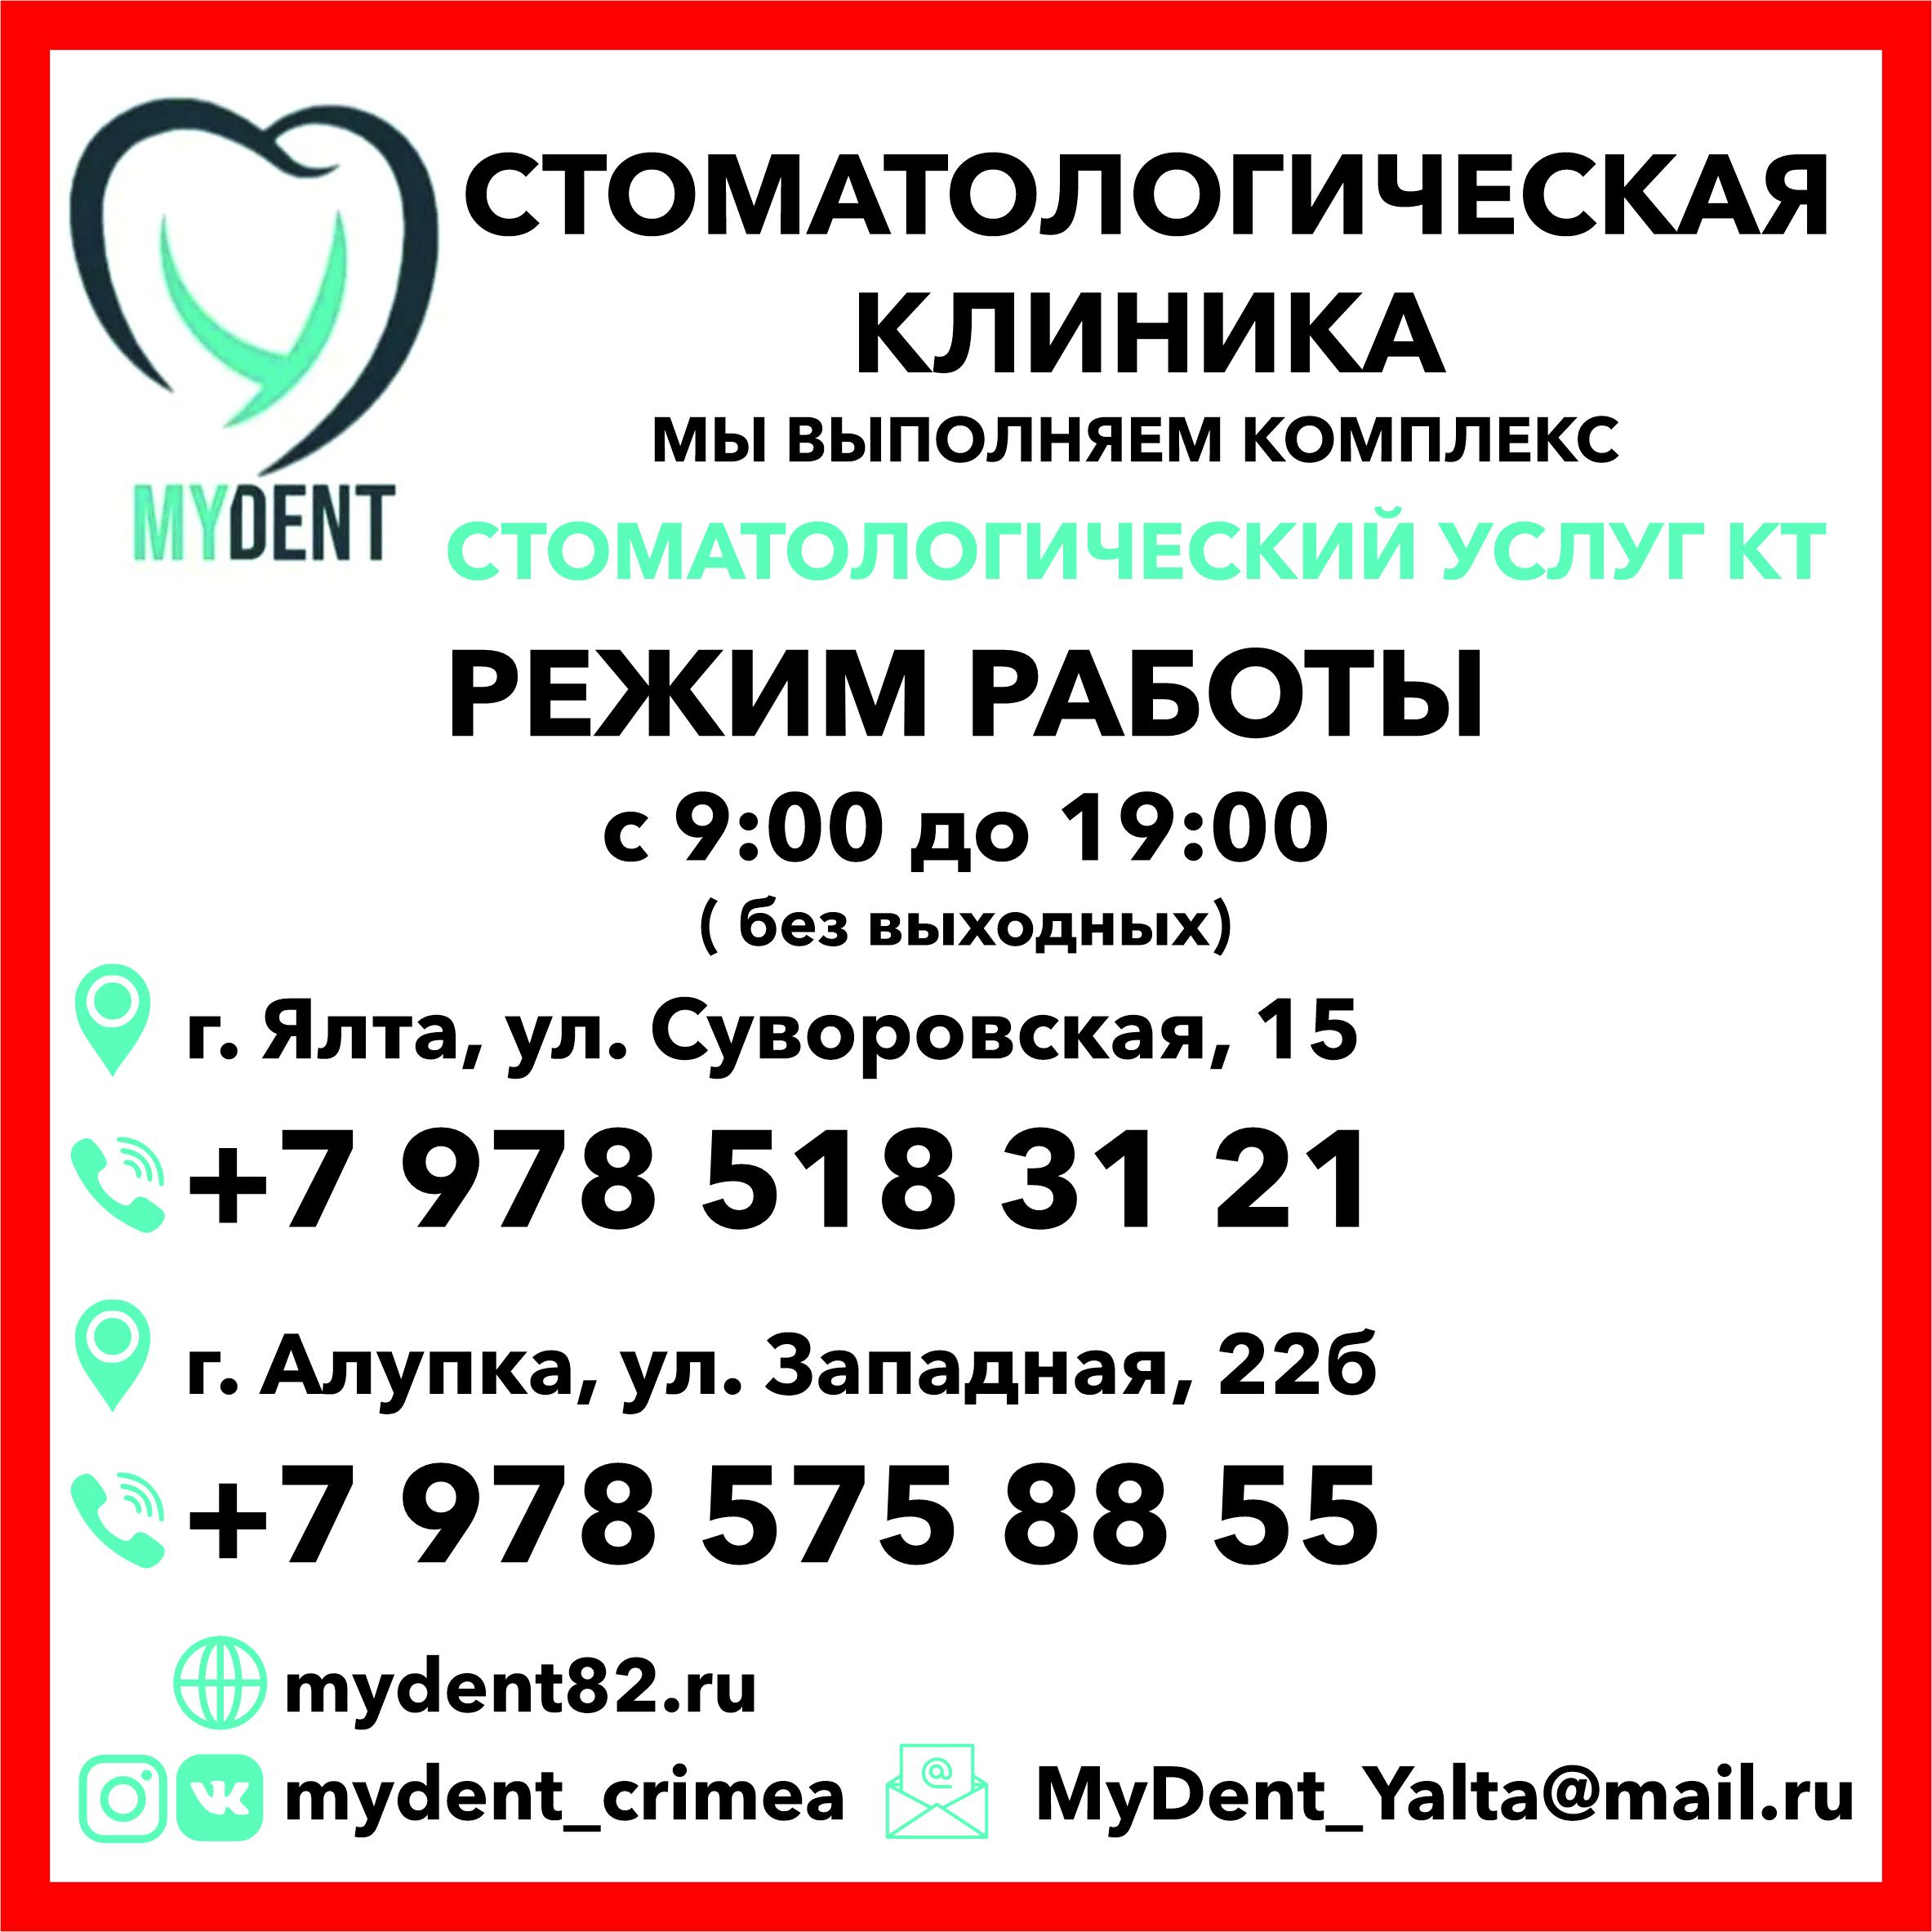 MyDent